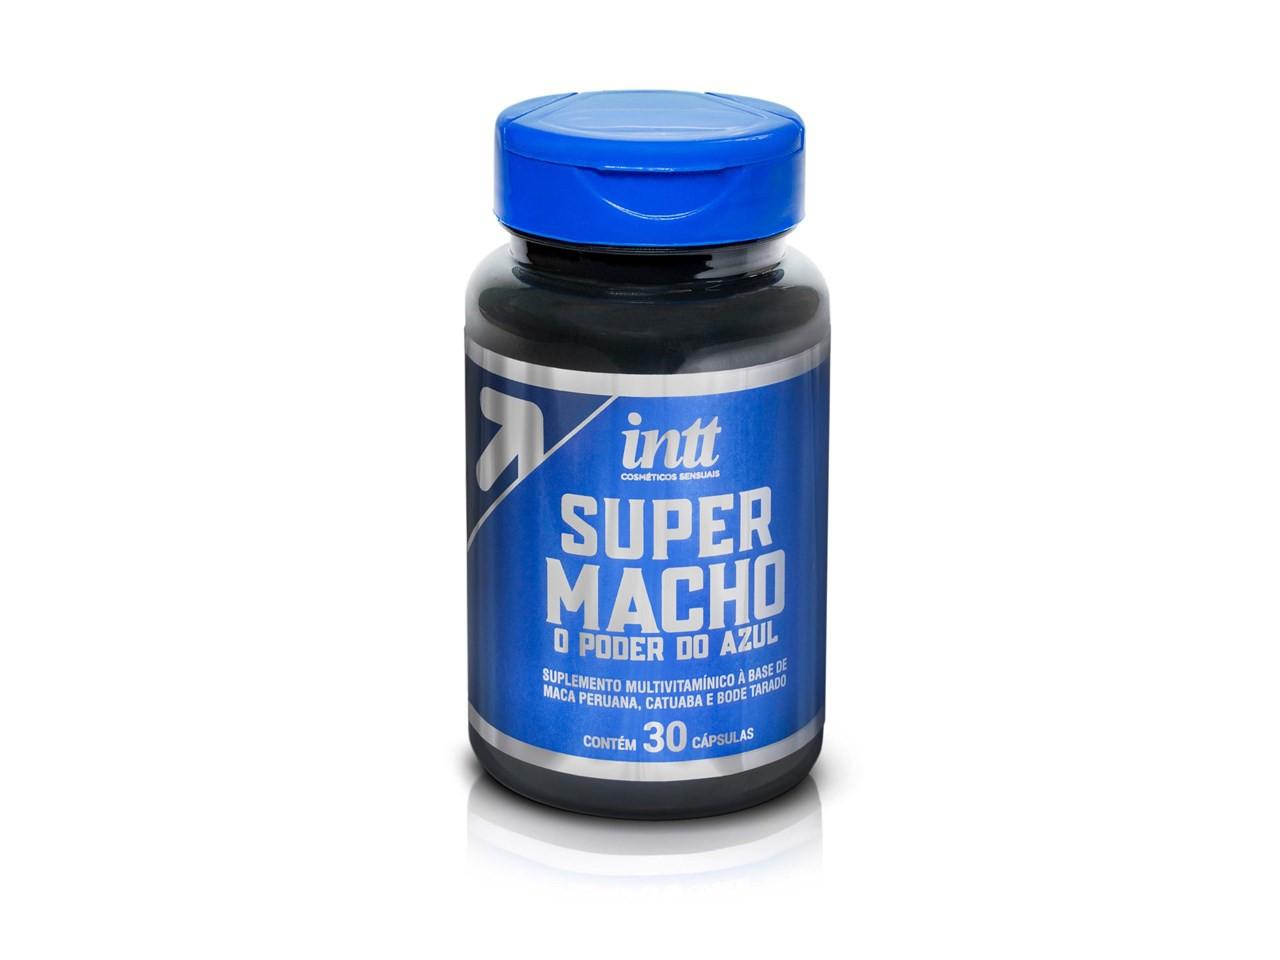 Suplemento multivitamínico Super Macho 30 cápsulas